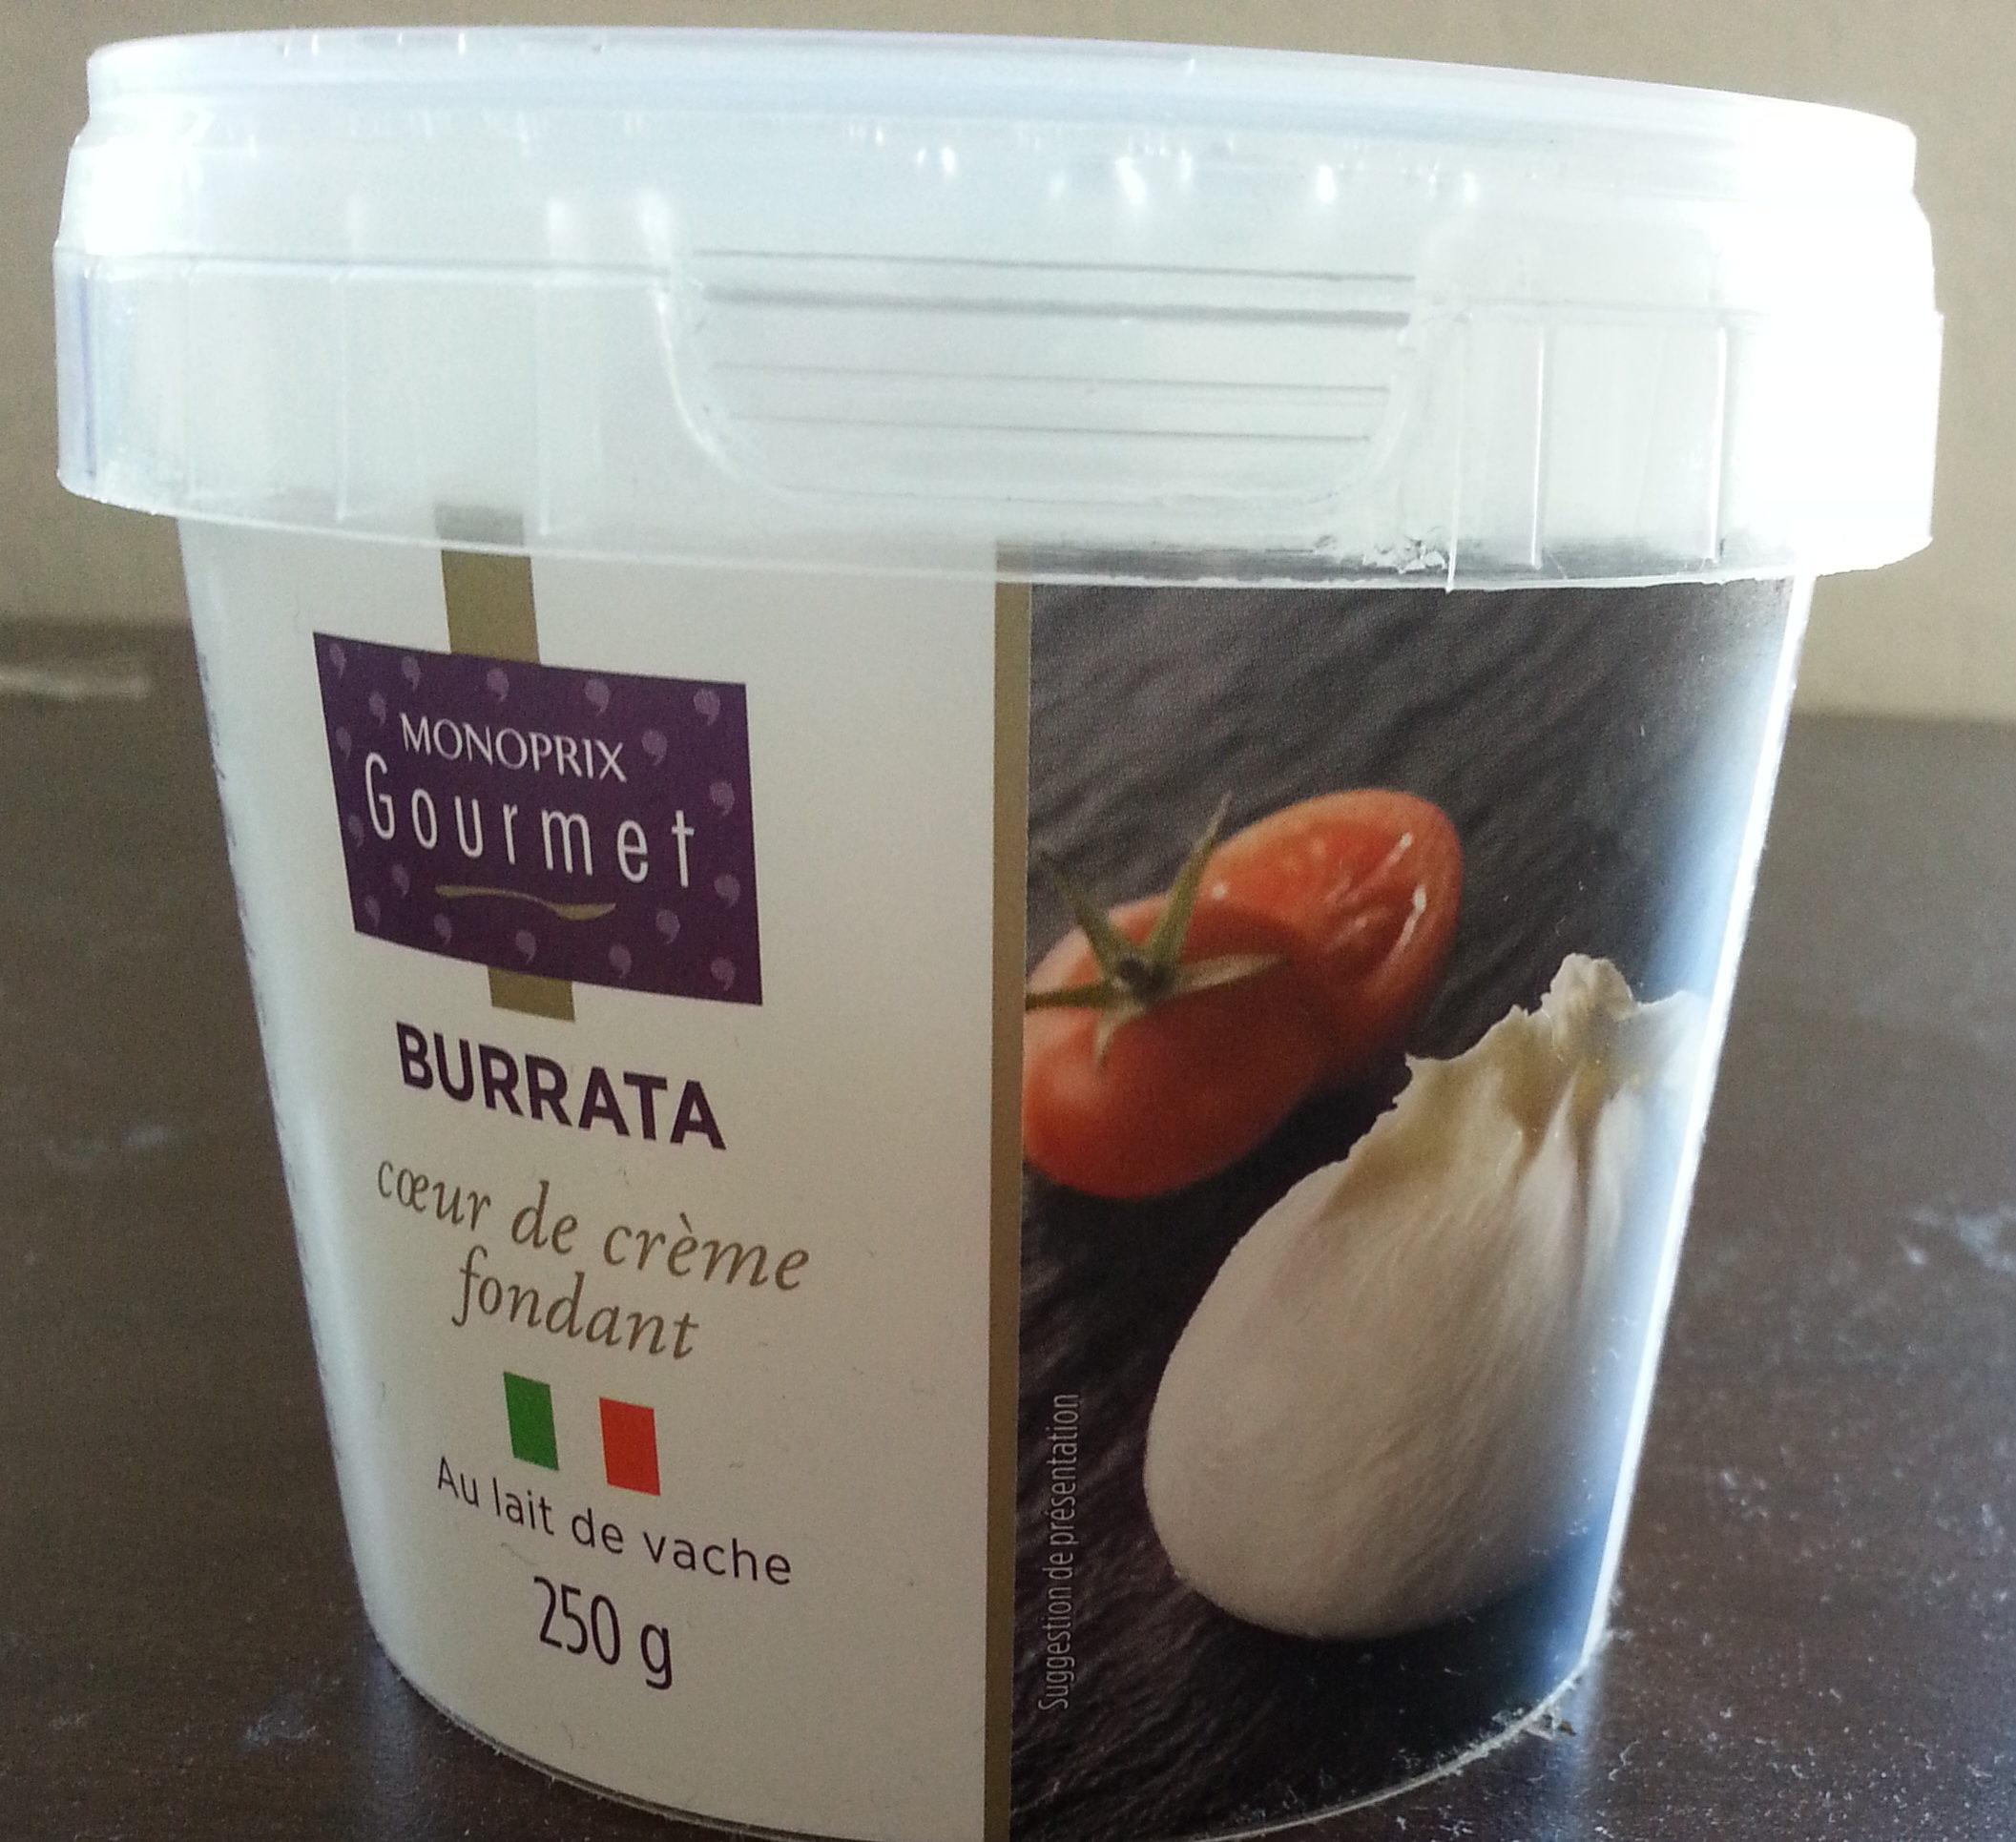 Burrata au lait de vache (17% MG) - Monoprix gourmet - 250 g